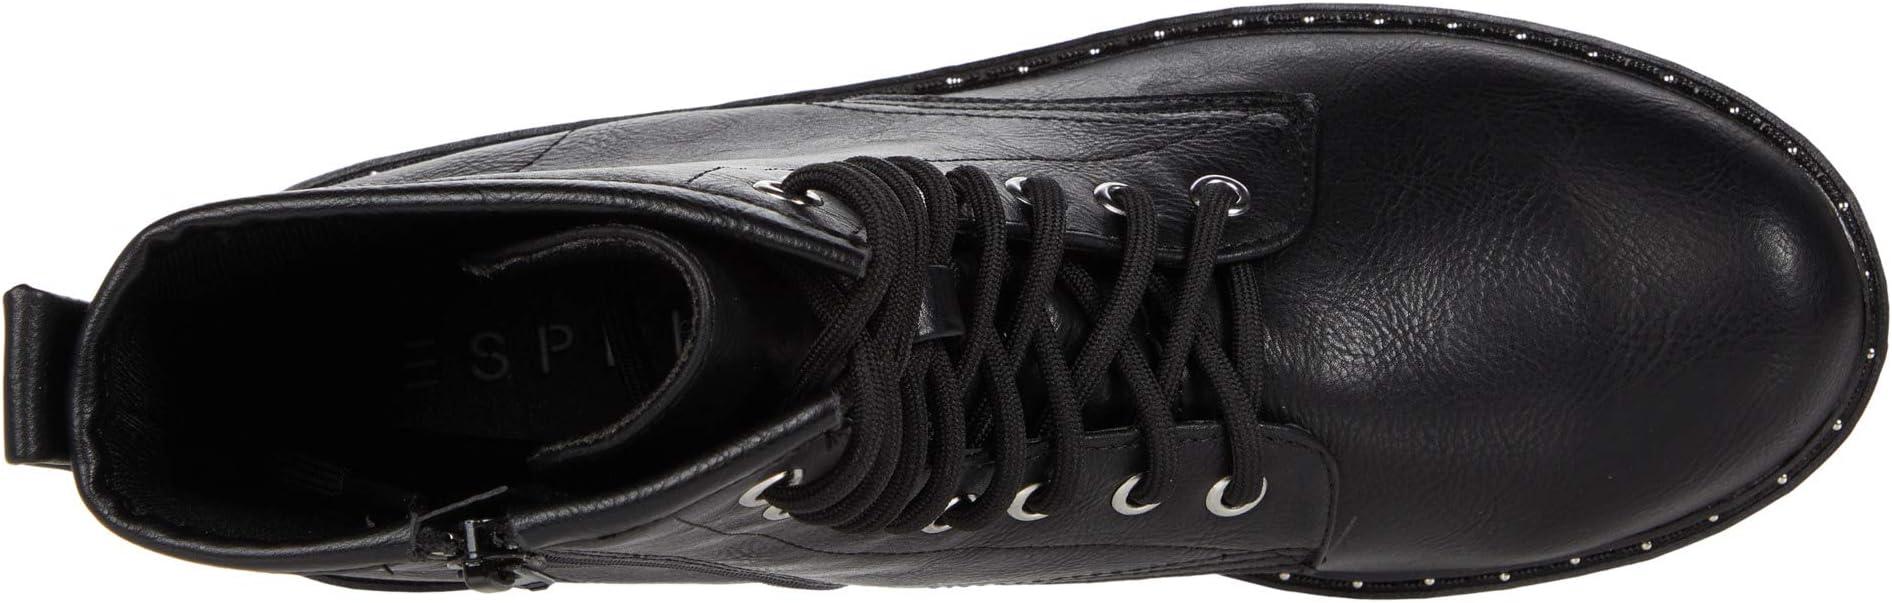 Esprit Beauty | Women's shoes | 2020 Newest